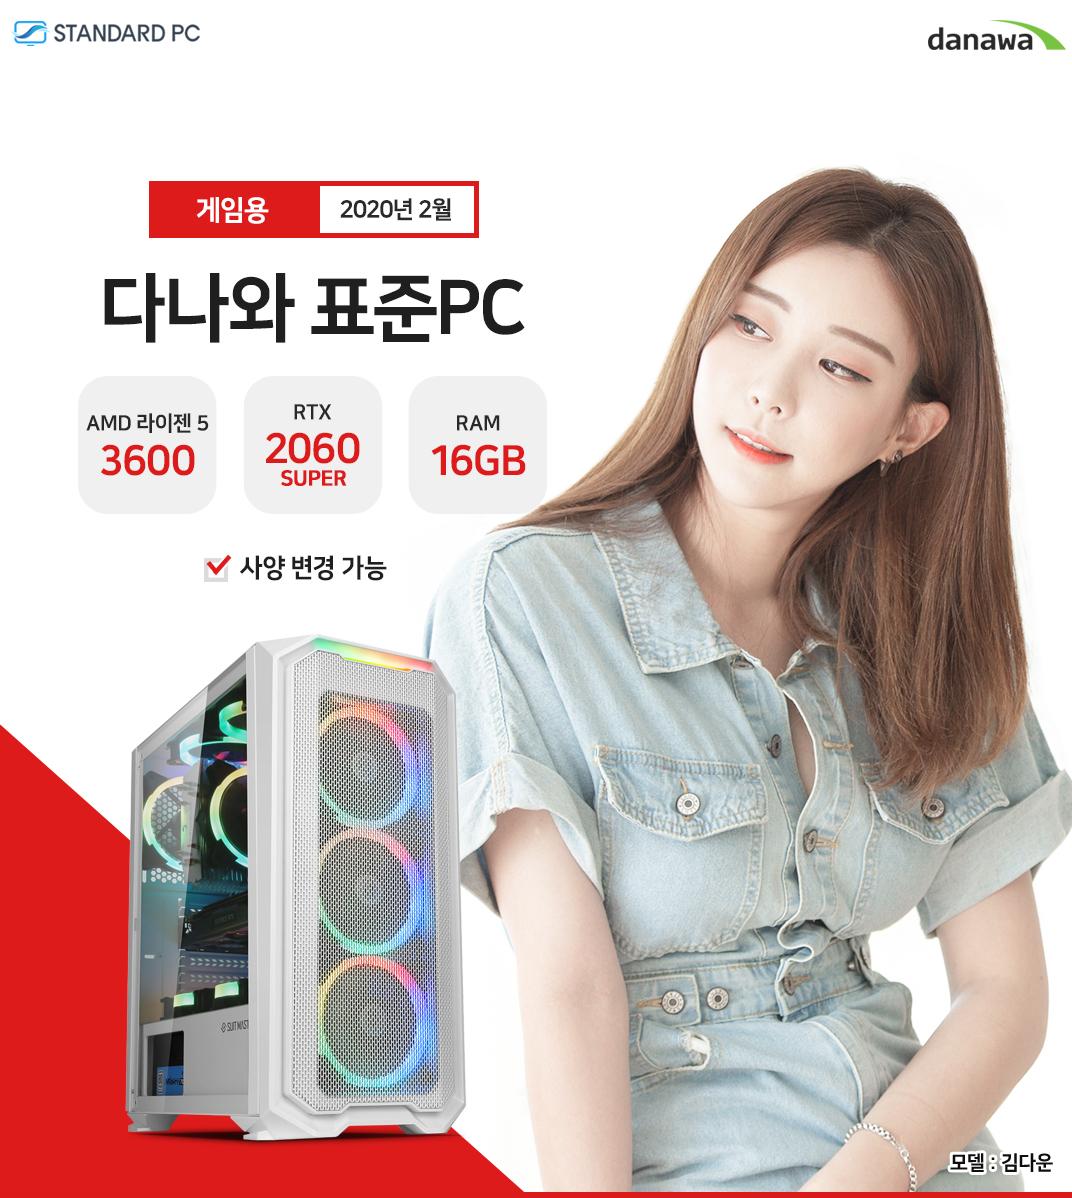 2020년 02월 다나와 표준PC 게임용 AMD 라이젠 5 3600 (마티스) RTX 2060 SUPER RAM 16G 모델 송주아